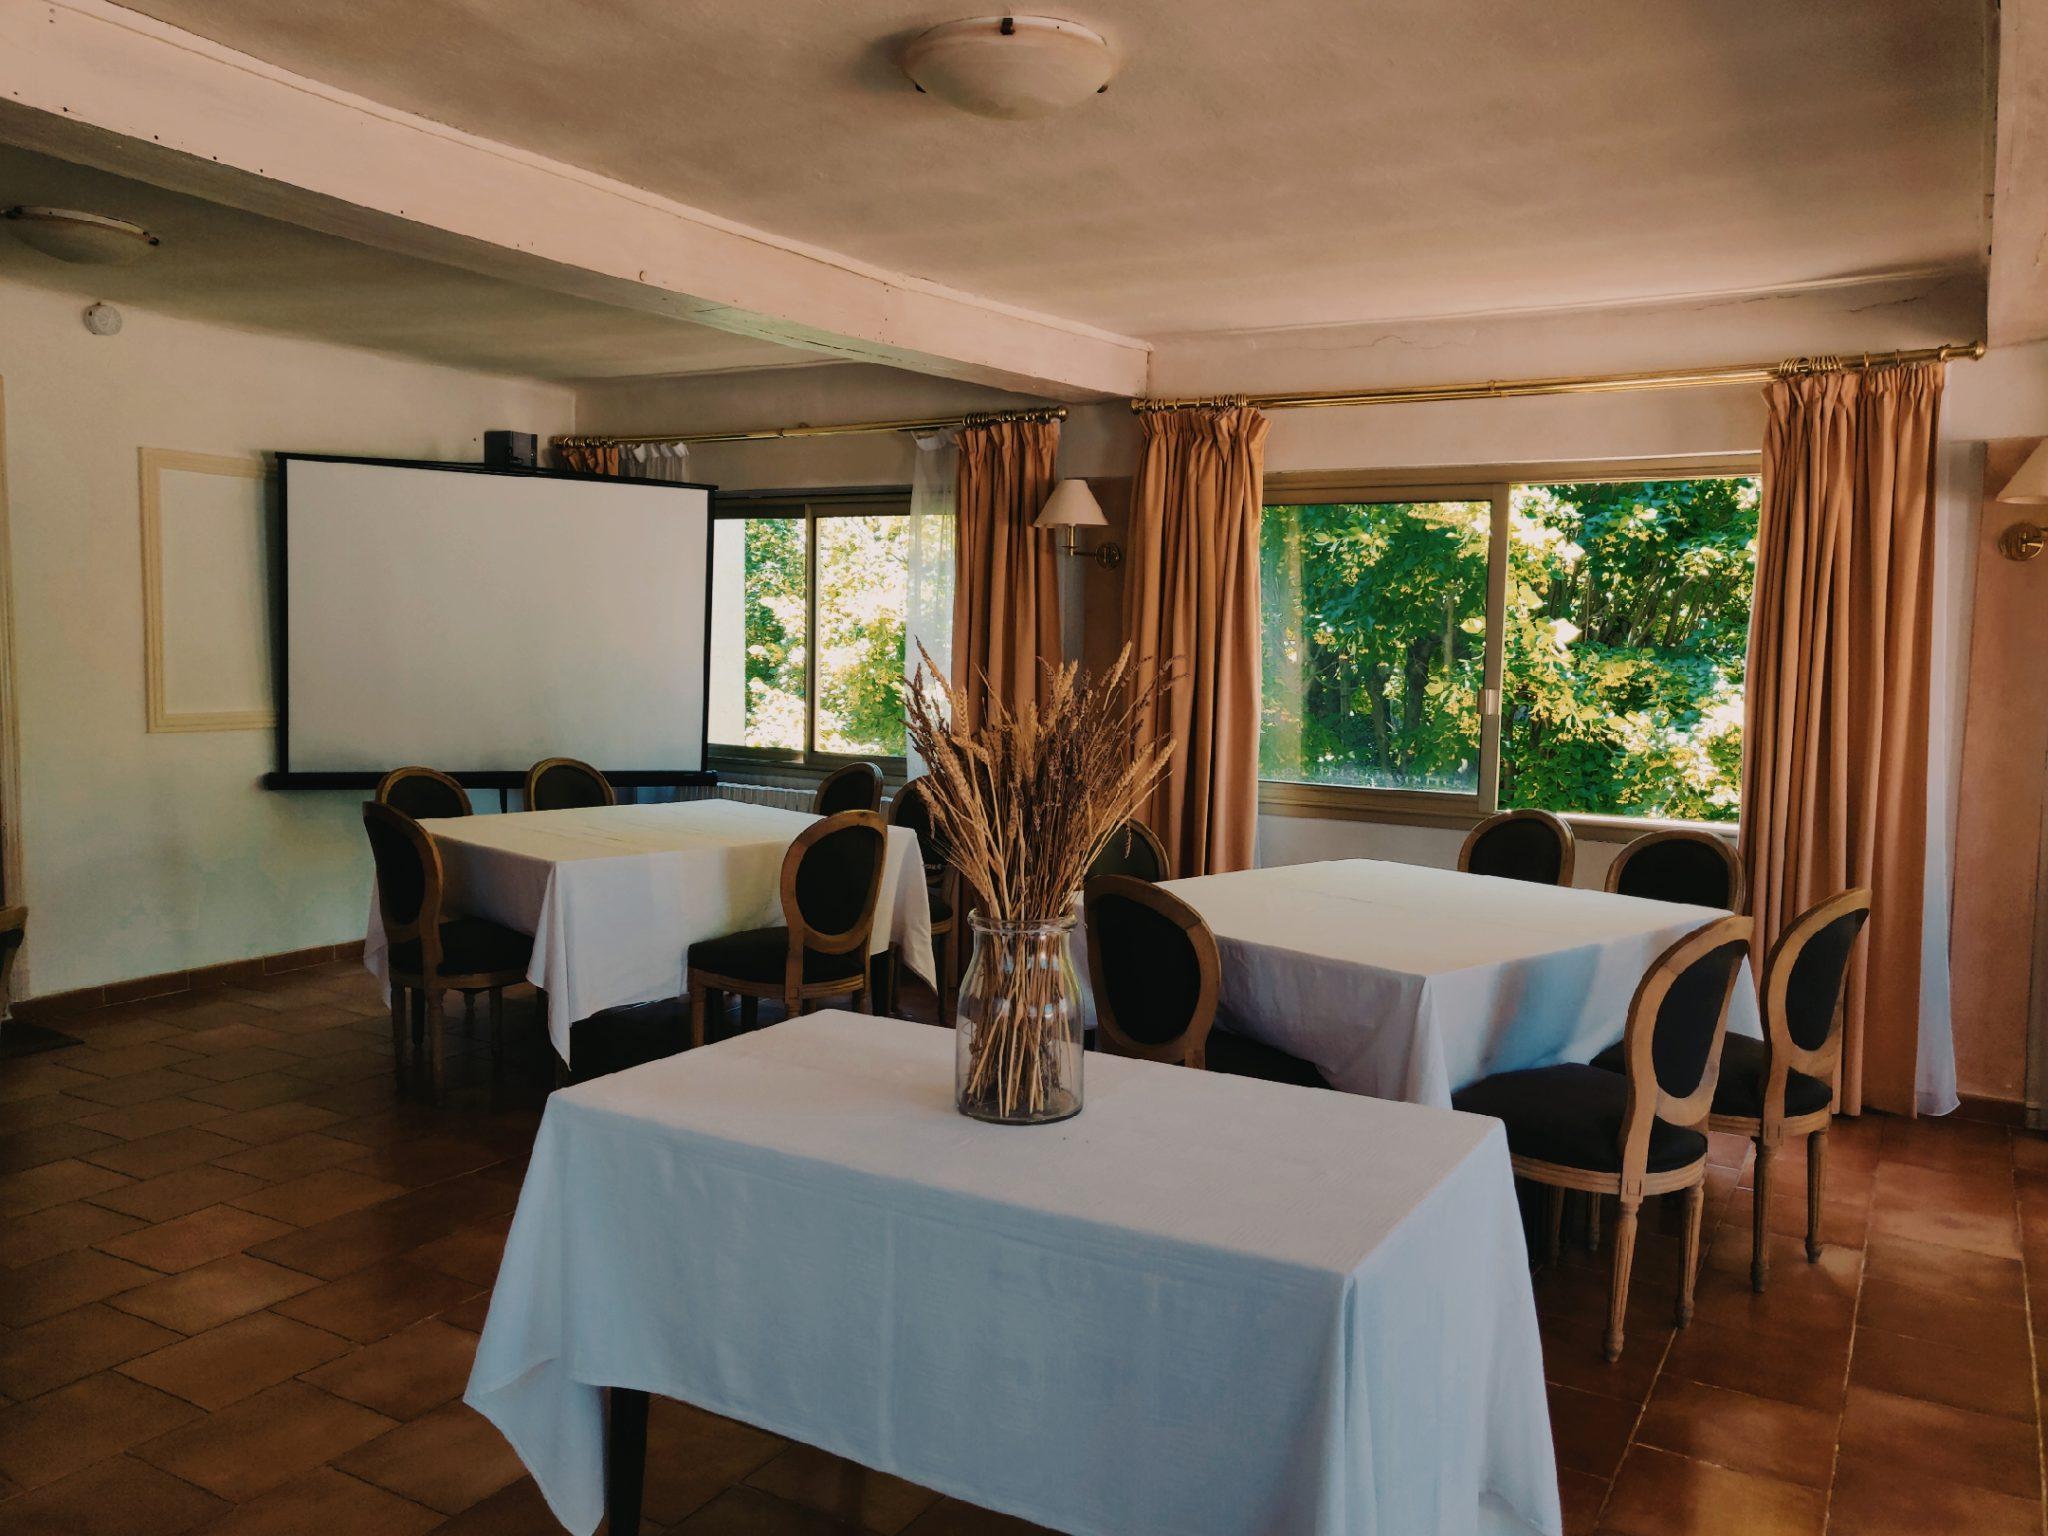 Organisation d'évènements Nice Colomars Vieux Nice Provence